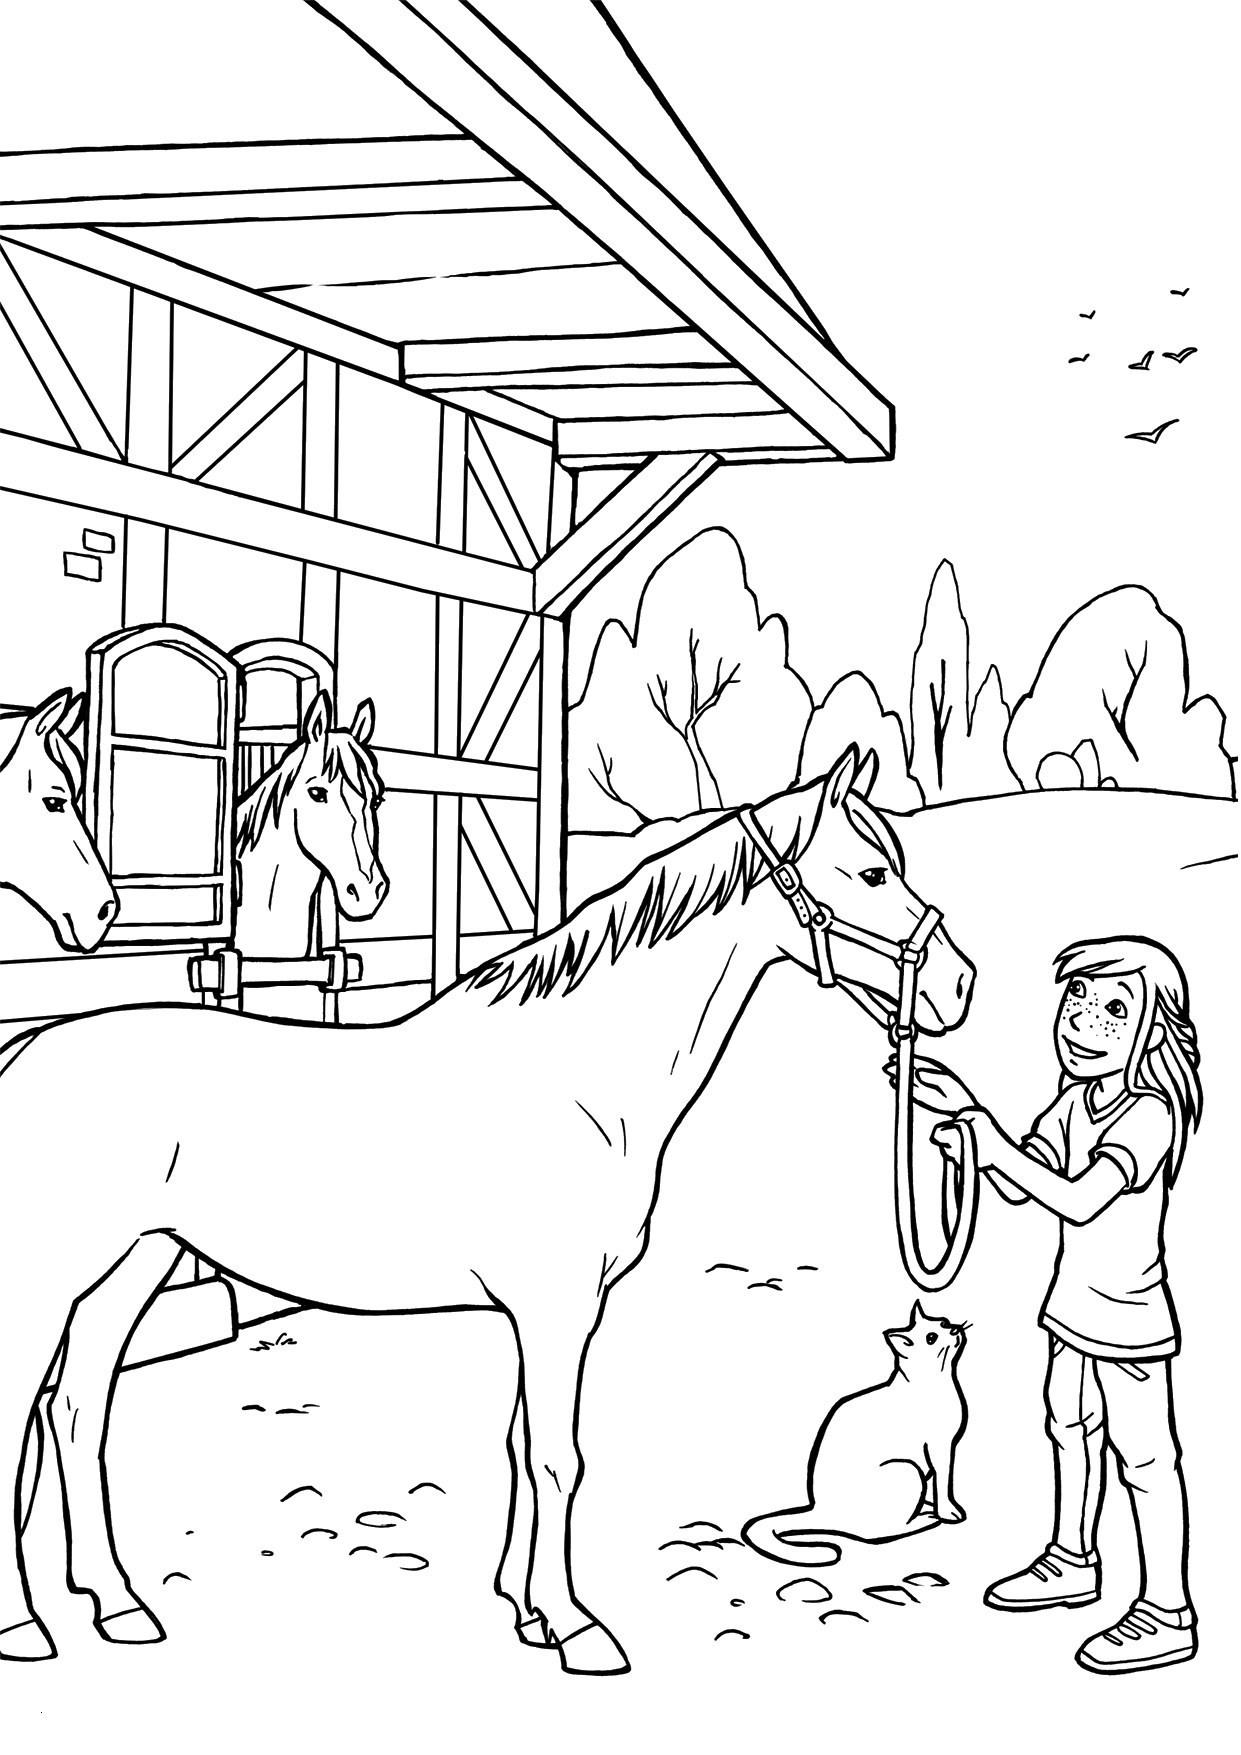 99 das beste von ausmalbilder pferde zum ausdrucken kostenlos sammlung kinder bilder. Black Bedroom Furniture Sets. Home Design Ideas